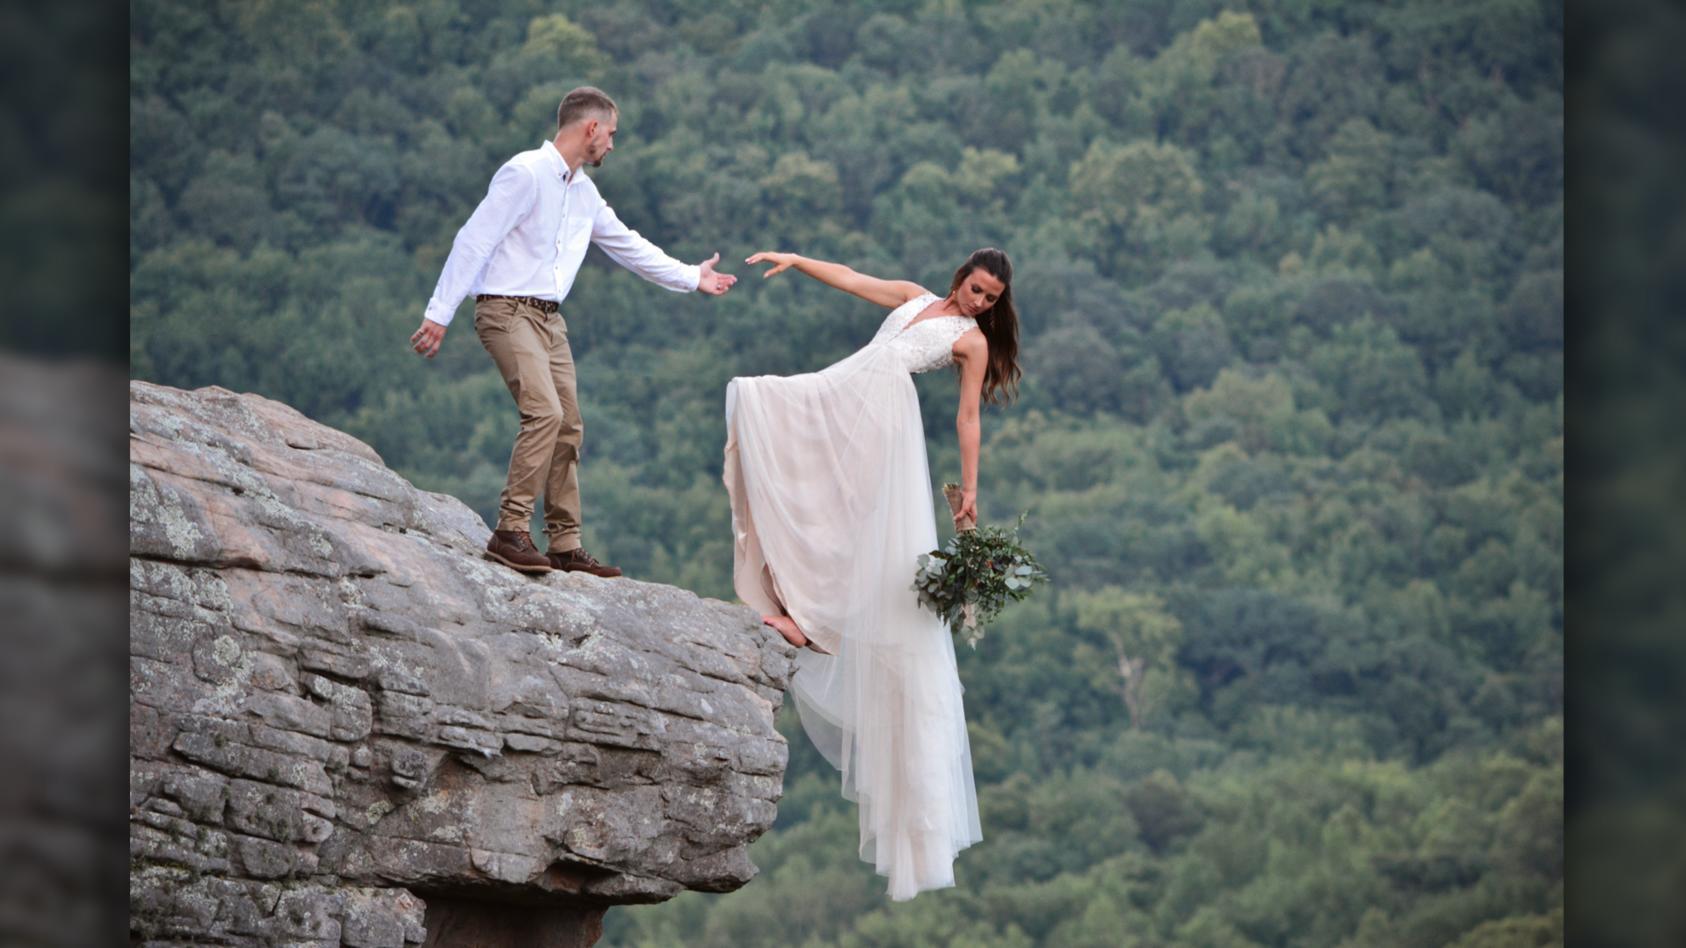 Hoffentlich sind die schwindelfrei! Paar posiert an beeindruckender Klippe.